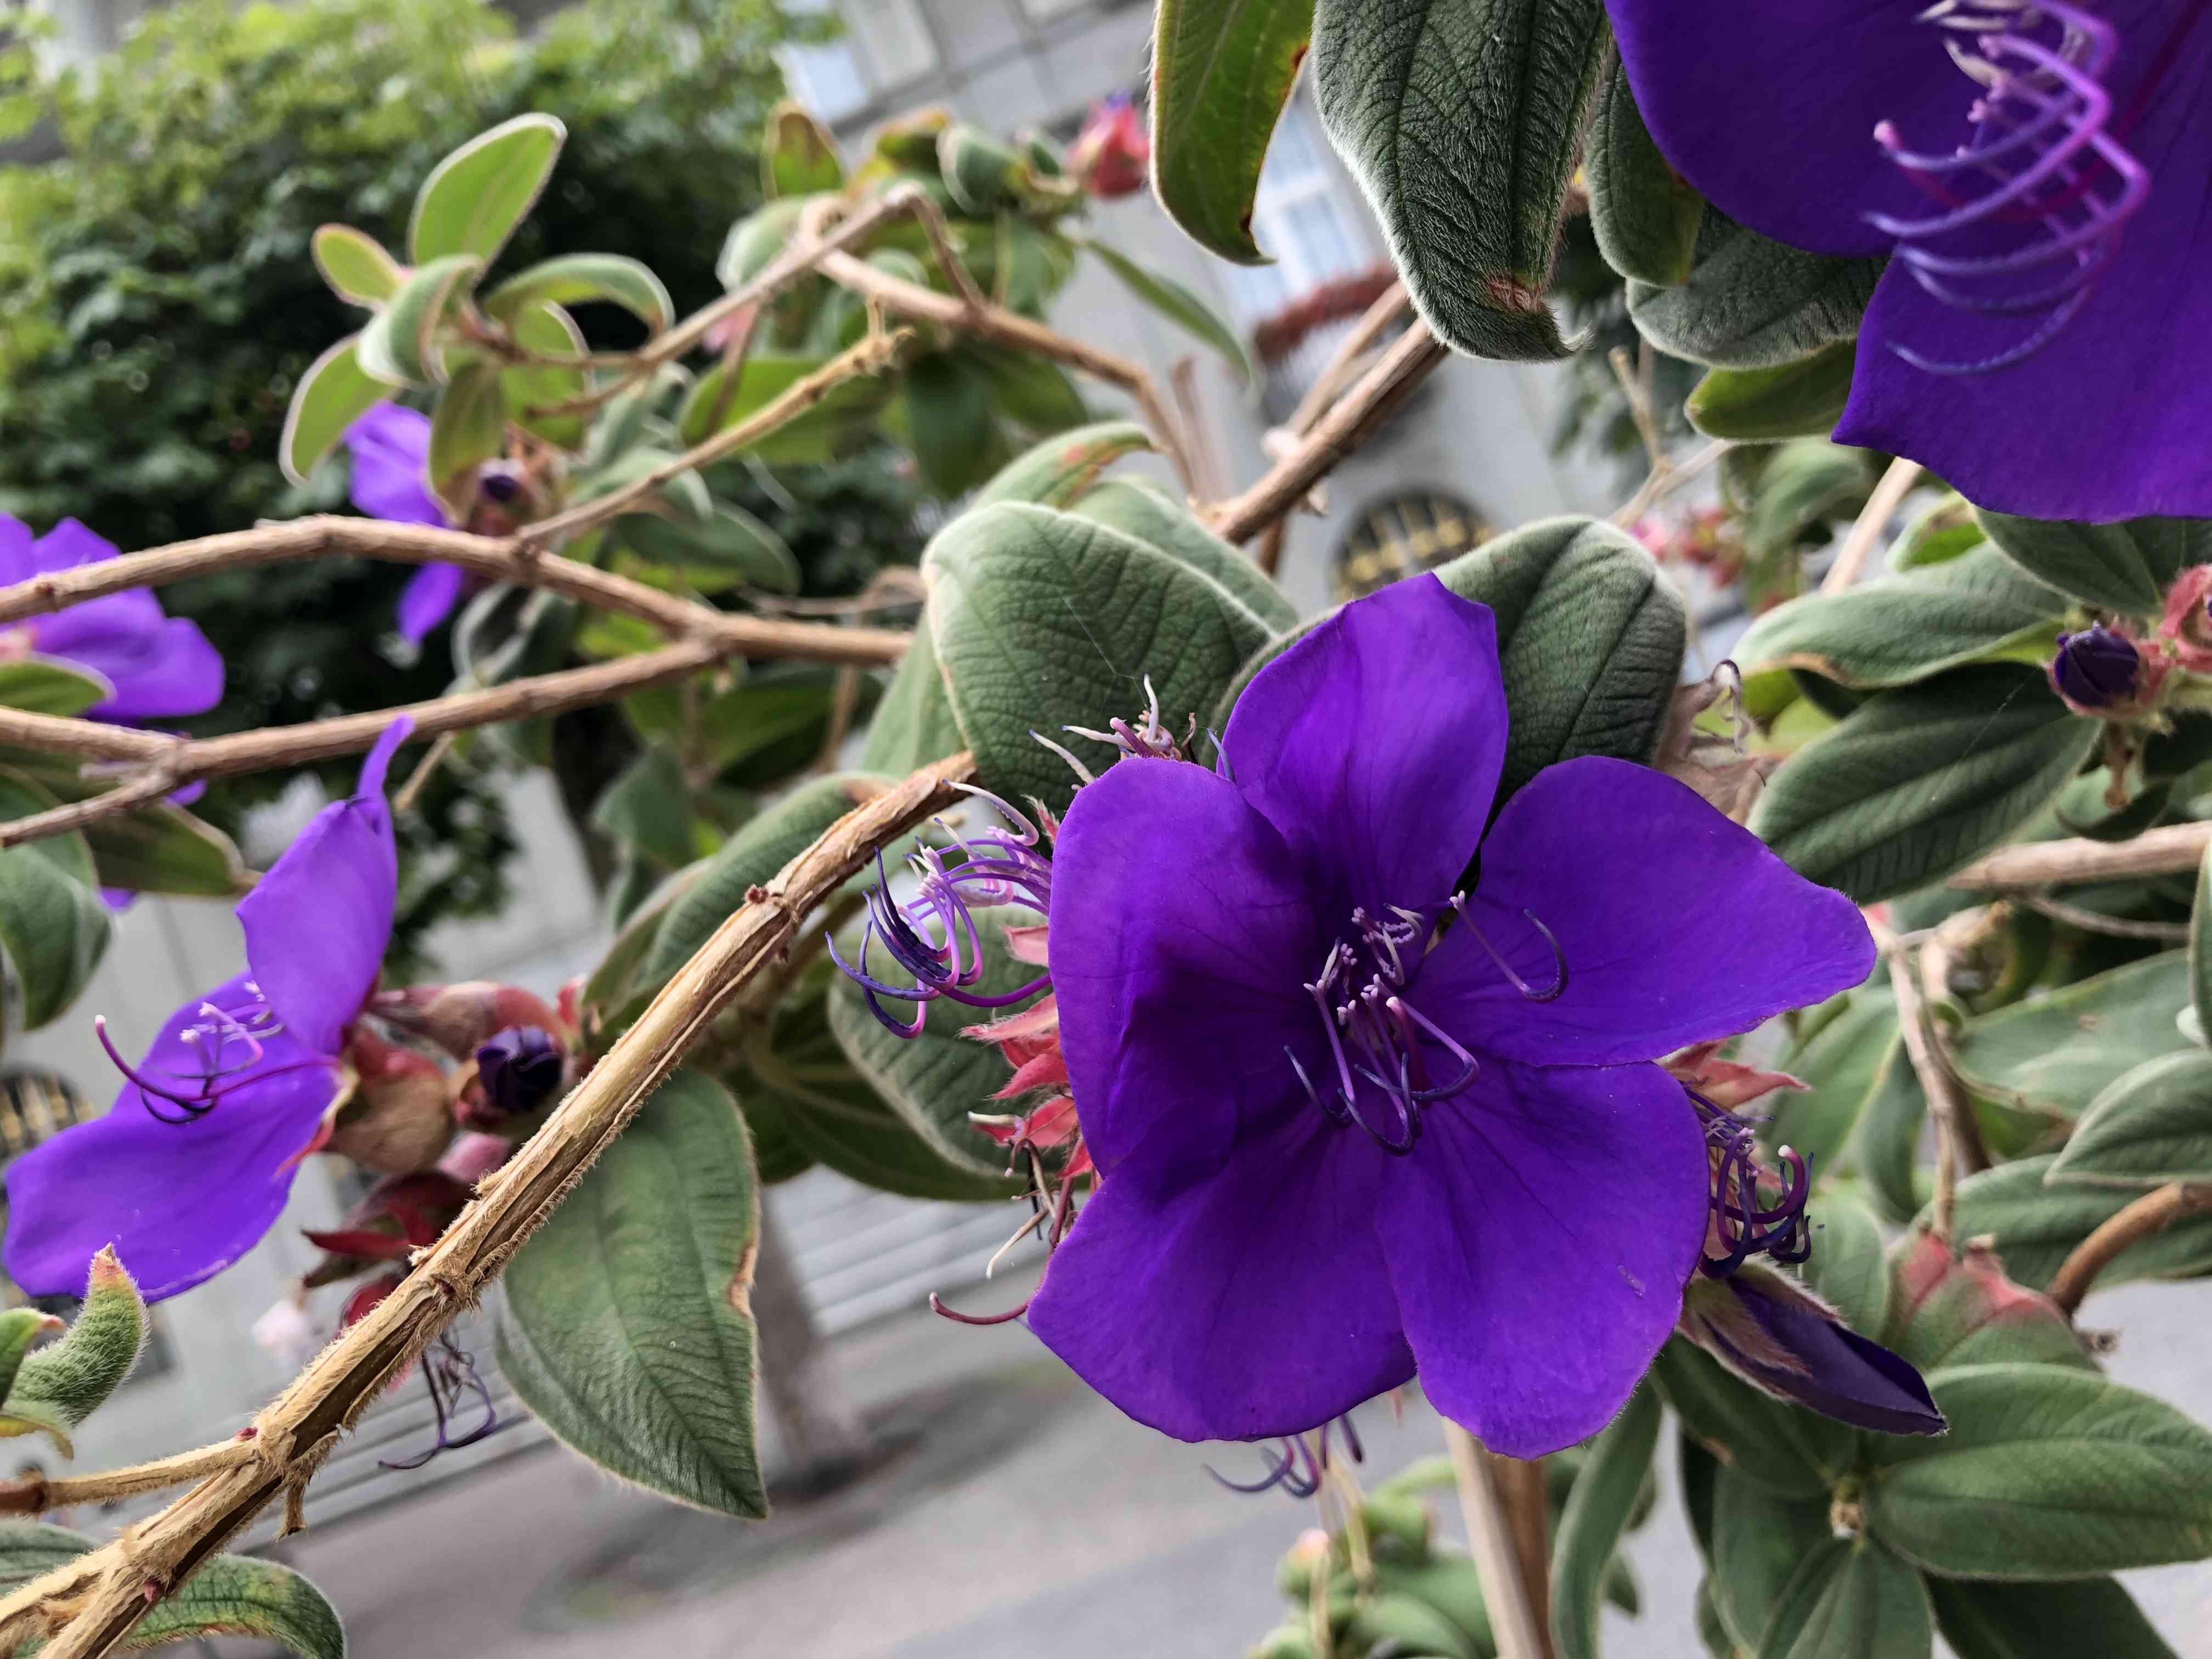 Close-up of a Tibouchina urvilleana flower